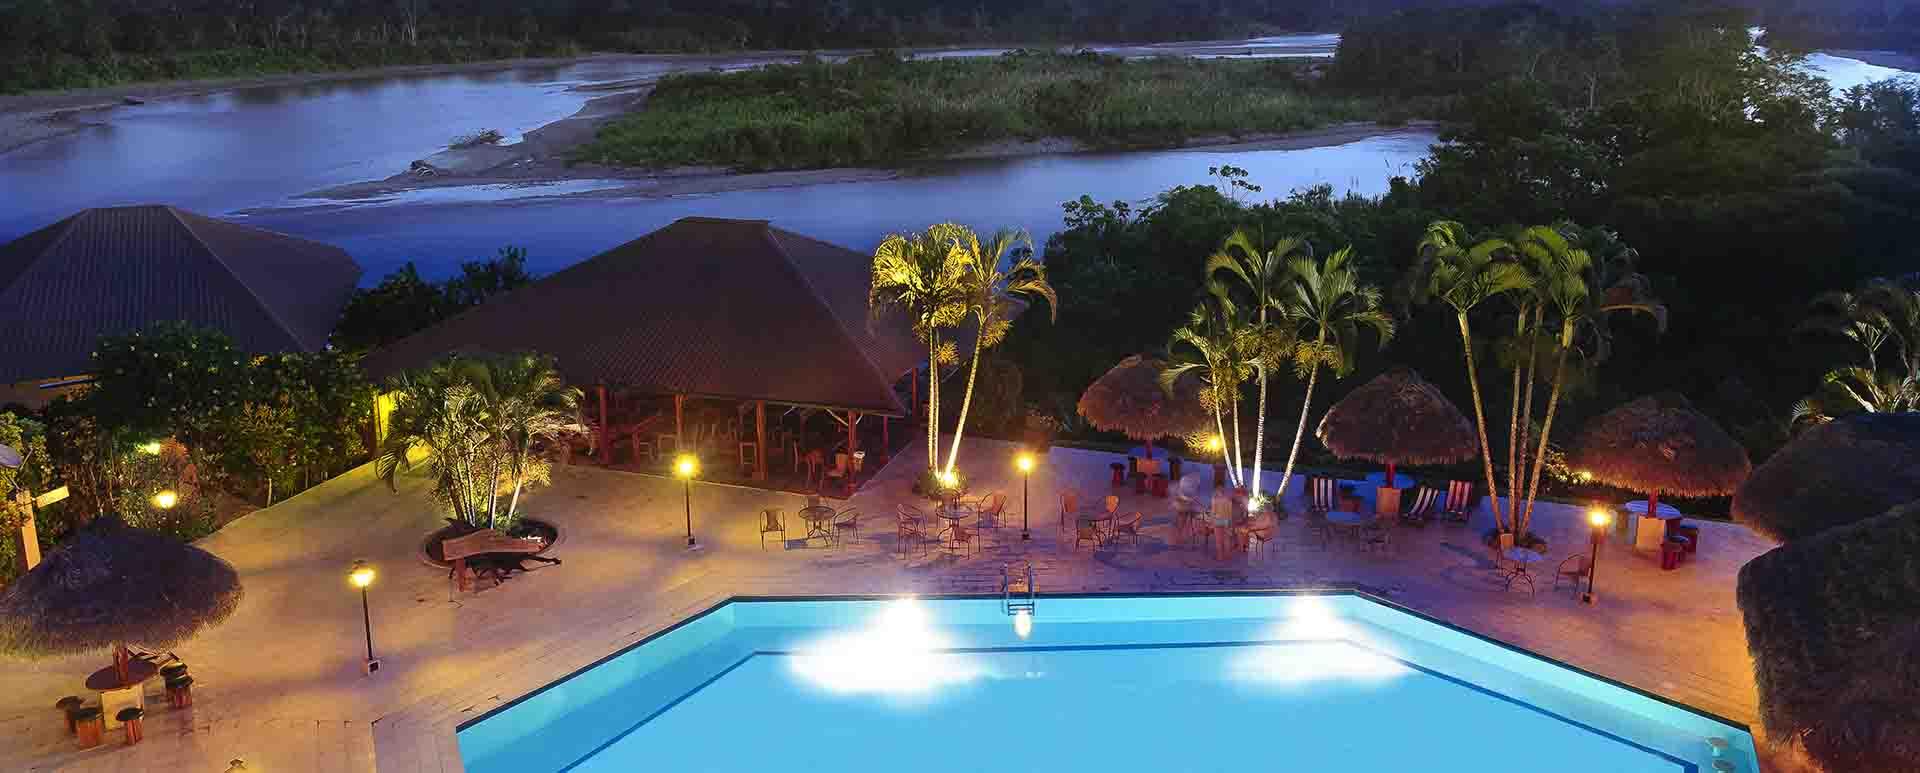 La Casa del Suizo pool